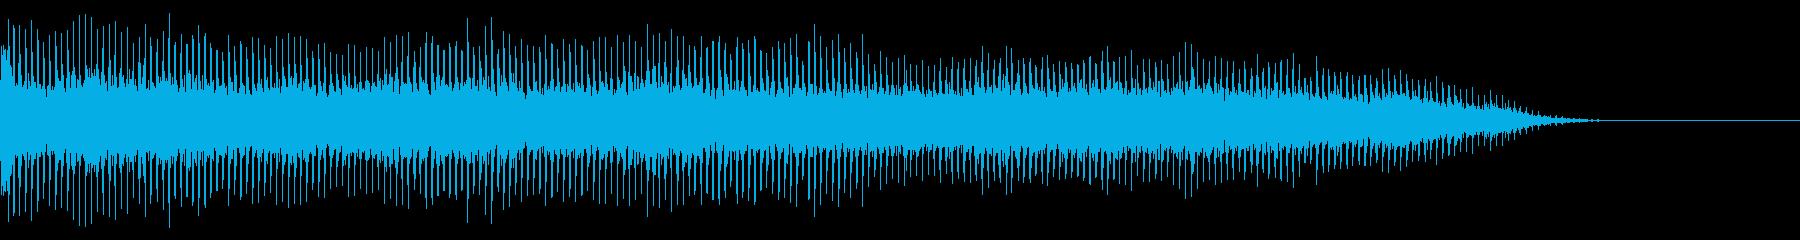 ガタガタガタガタ(リフトが稼働する)の再生済みの波形